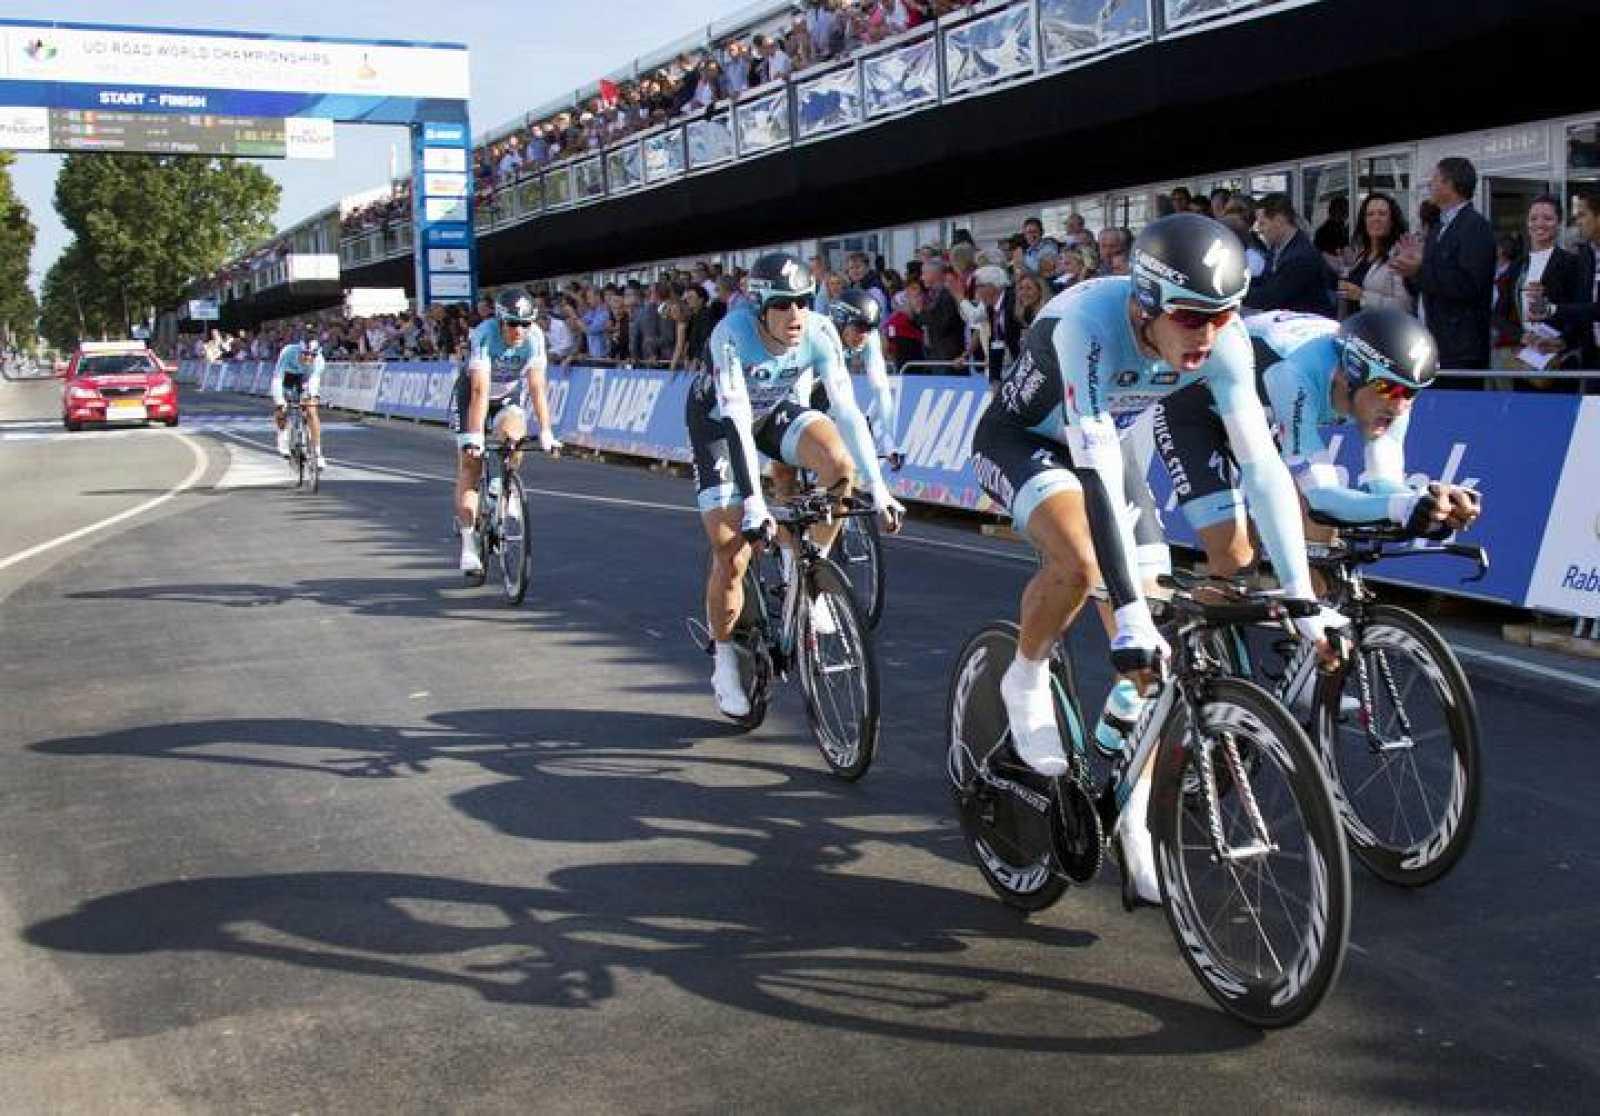 Los corredores del equipo belga Omega Pharma-Quick Step cruzan la línea de meta del mundial contrarreloj por equipo disputado en Valkenburg, Holanda.